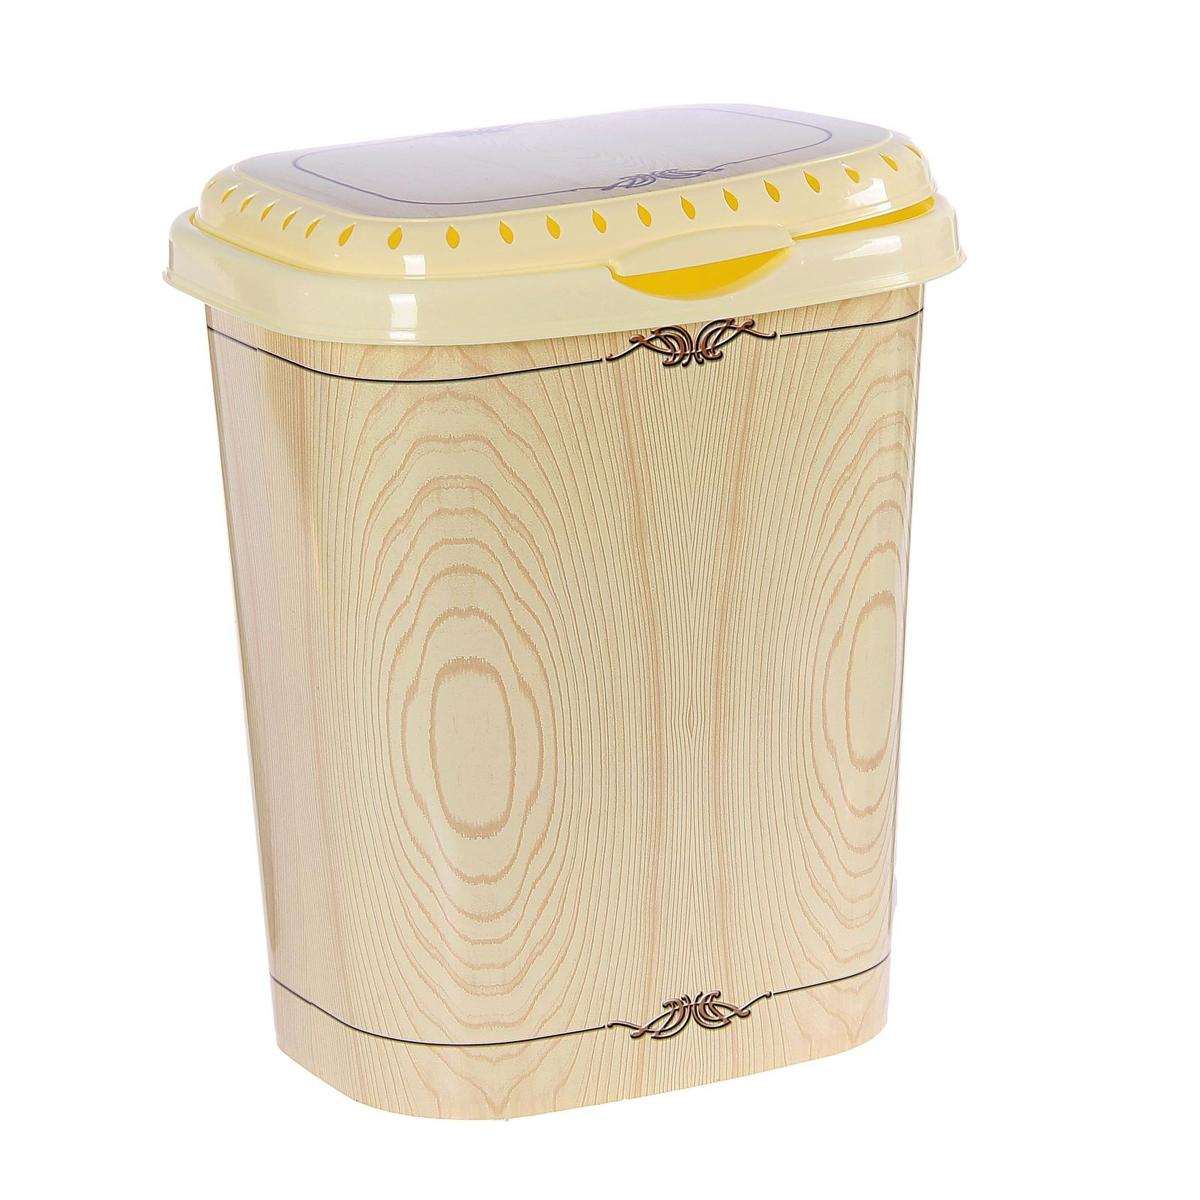 Корзина для белья Violet Беленый дуб, 40 л1940/91Корзина для белья Violet Беленый дуб изготовлена из высокопрочного износостойкого пластика, с внешней стороны оформленного декором под дерево. Предназначена для хранения грязного белья перед стиркой. Изделие снабжено удобной крышкой. Перфорация на крышке способствует естественной вентиляции белья. Благодаря лаконичному дизайну, такая корзина впишется в интерьер любой ванной комнаты.